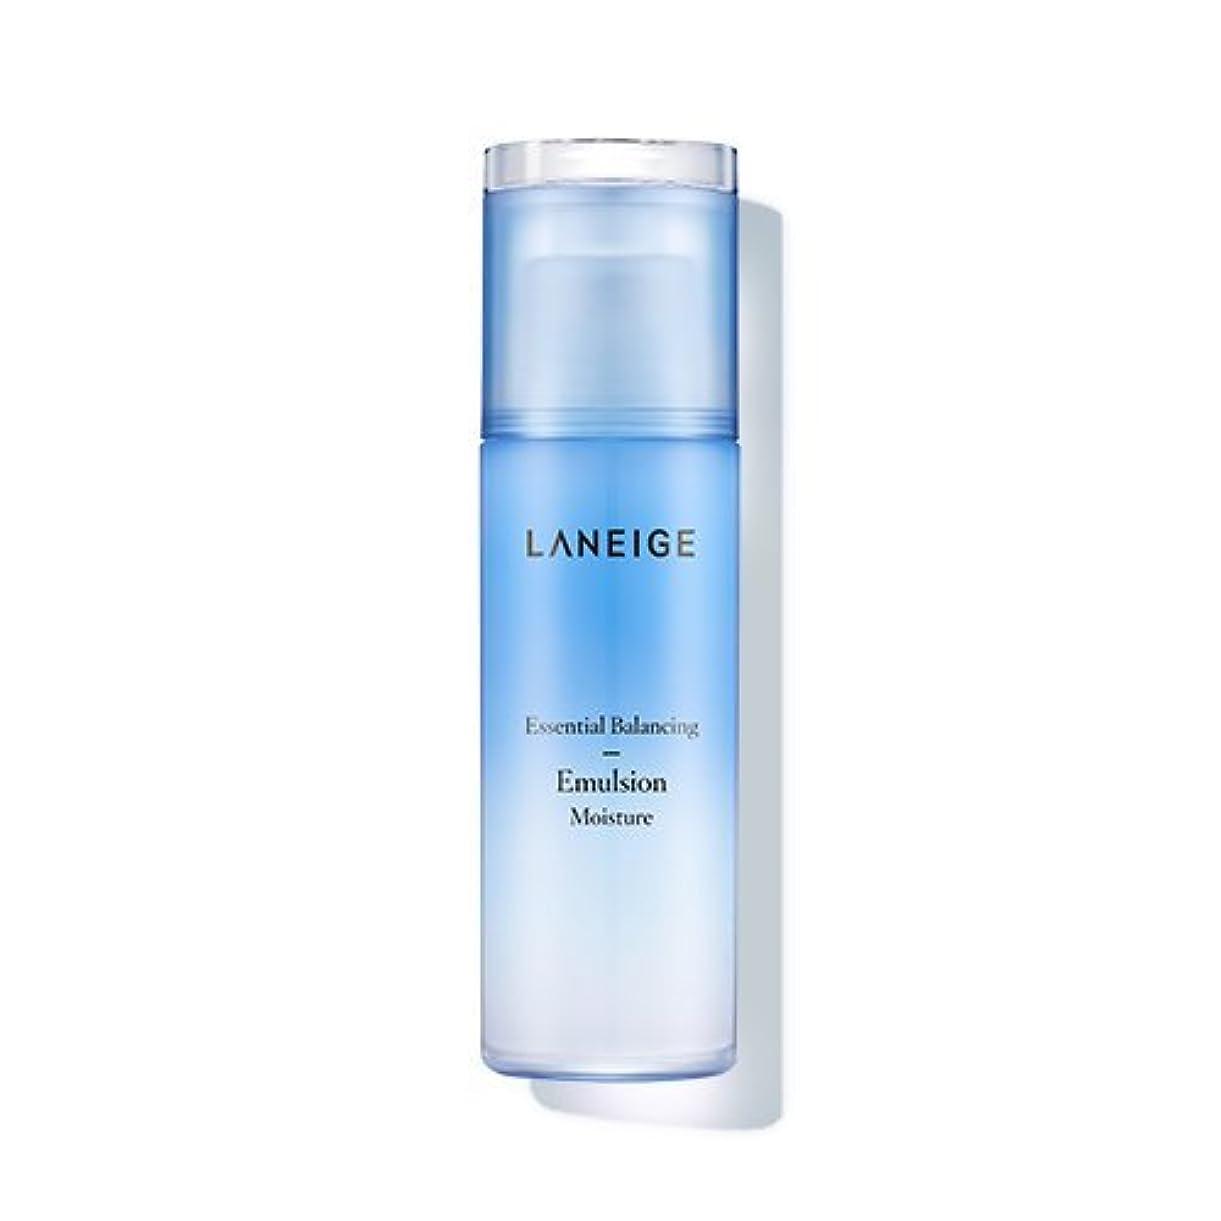 報酬のリー慣れるLANEIGE Essential Balancing Emulsion Moisture 120ml/ラネージュ エッセンシャル バランシング エマルジョン モイスチャー 120ml [並行輸入品]